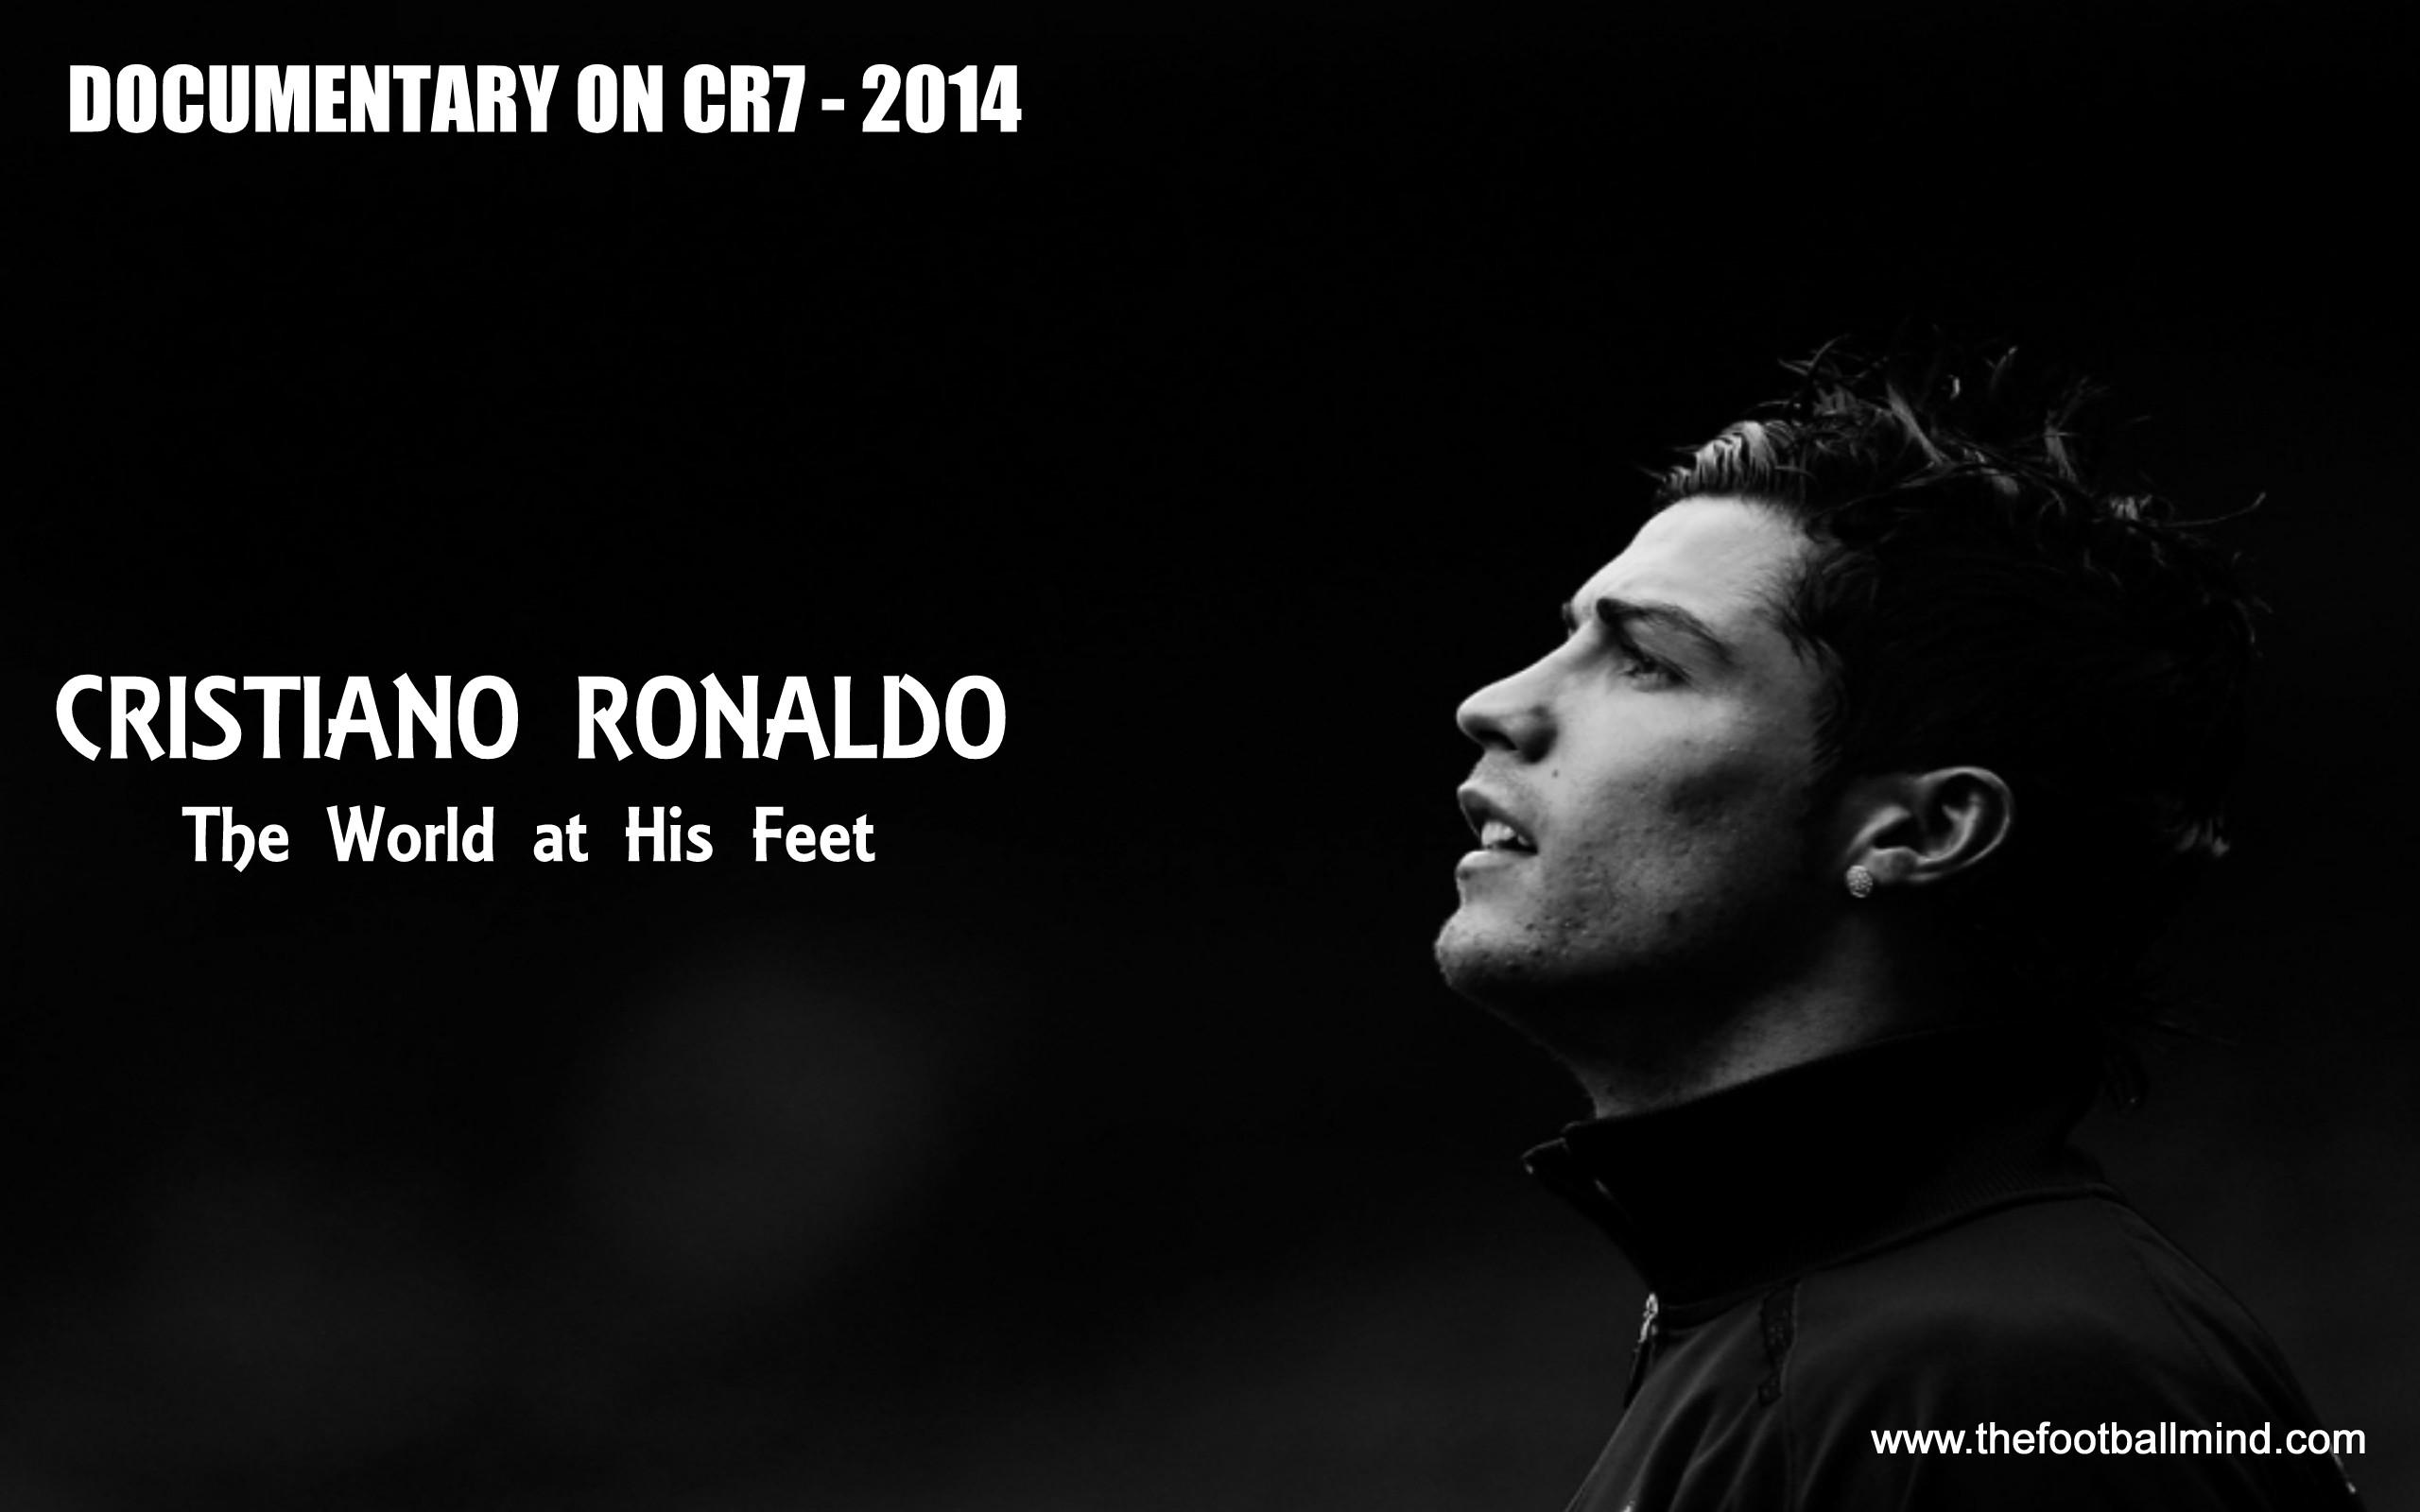 Cristiano-Ronaldo-Black-And-White-Desktop-Wallpaper